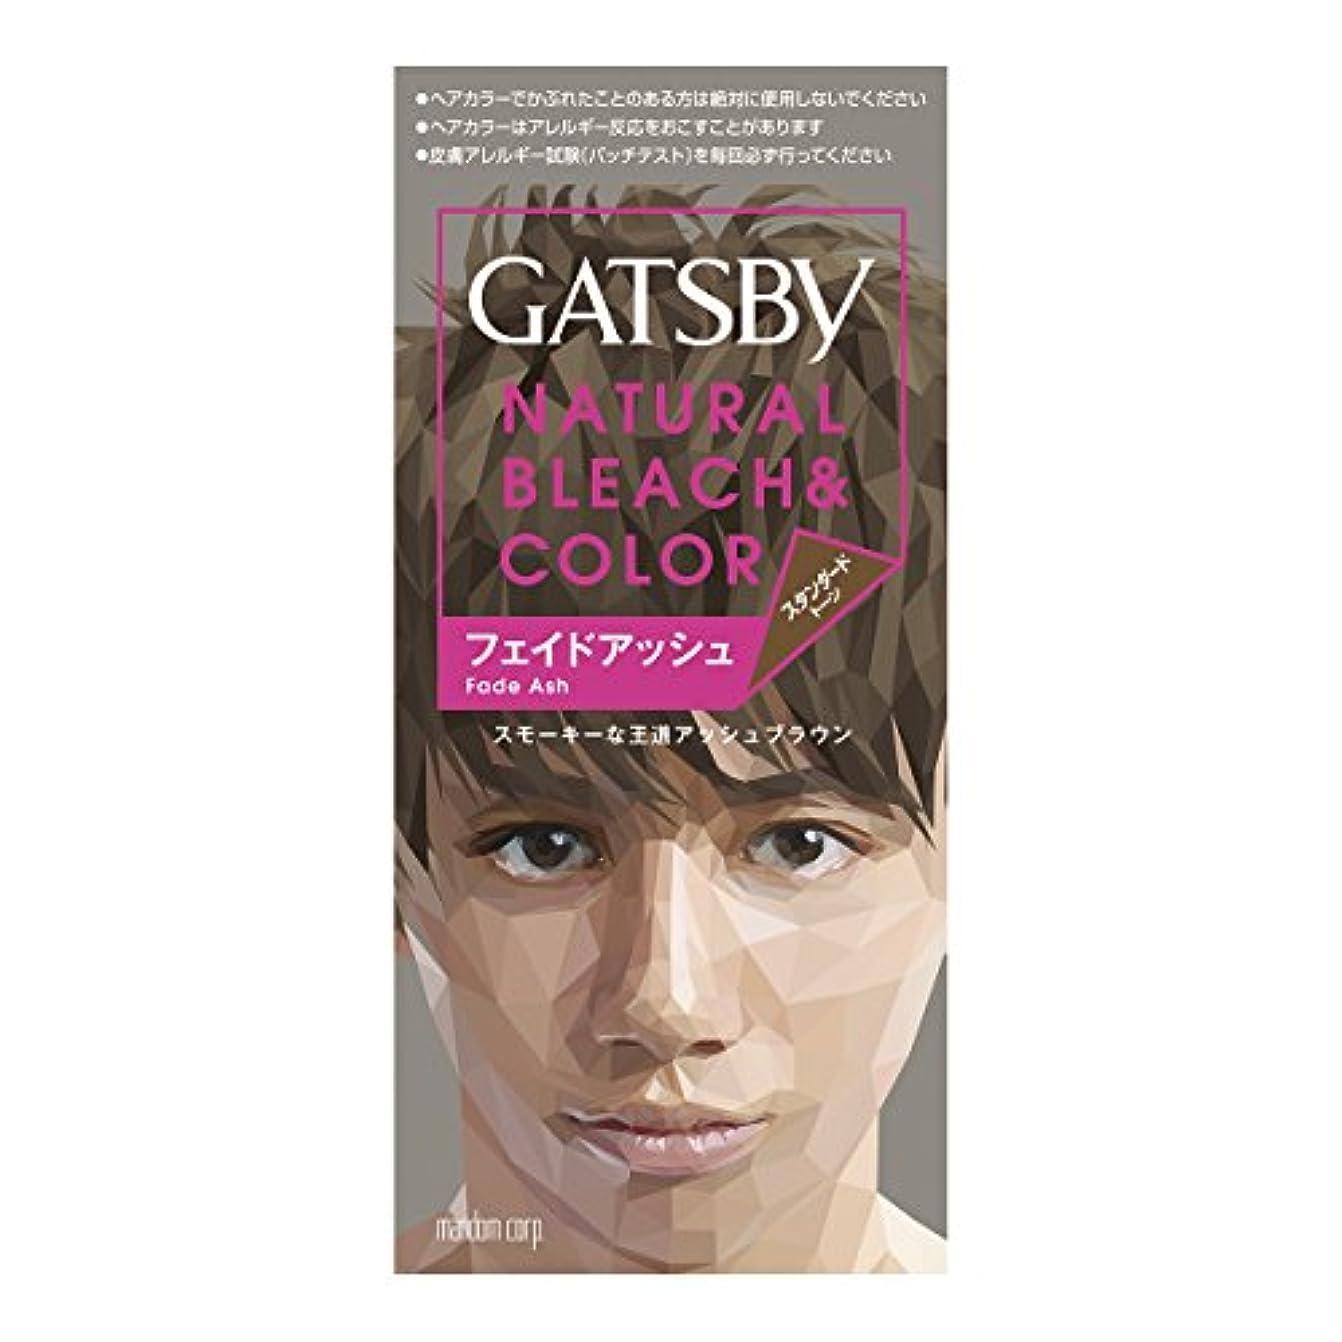 続編妖精遺棄されたギャツビー ナチュラルブリーチカラー フェイドアッシュ 1組【HTRC5.1】